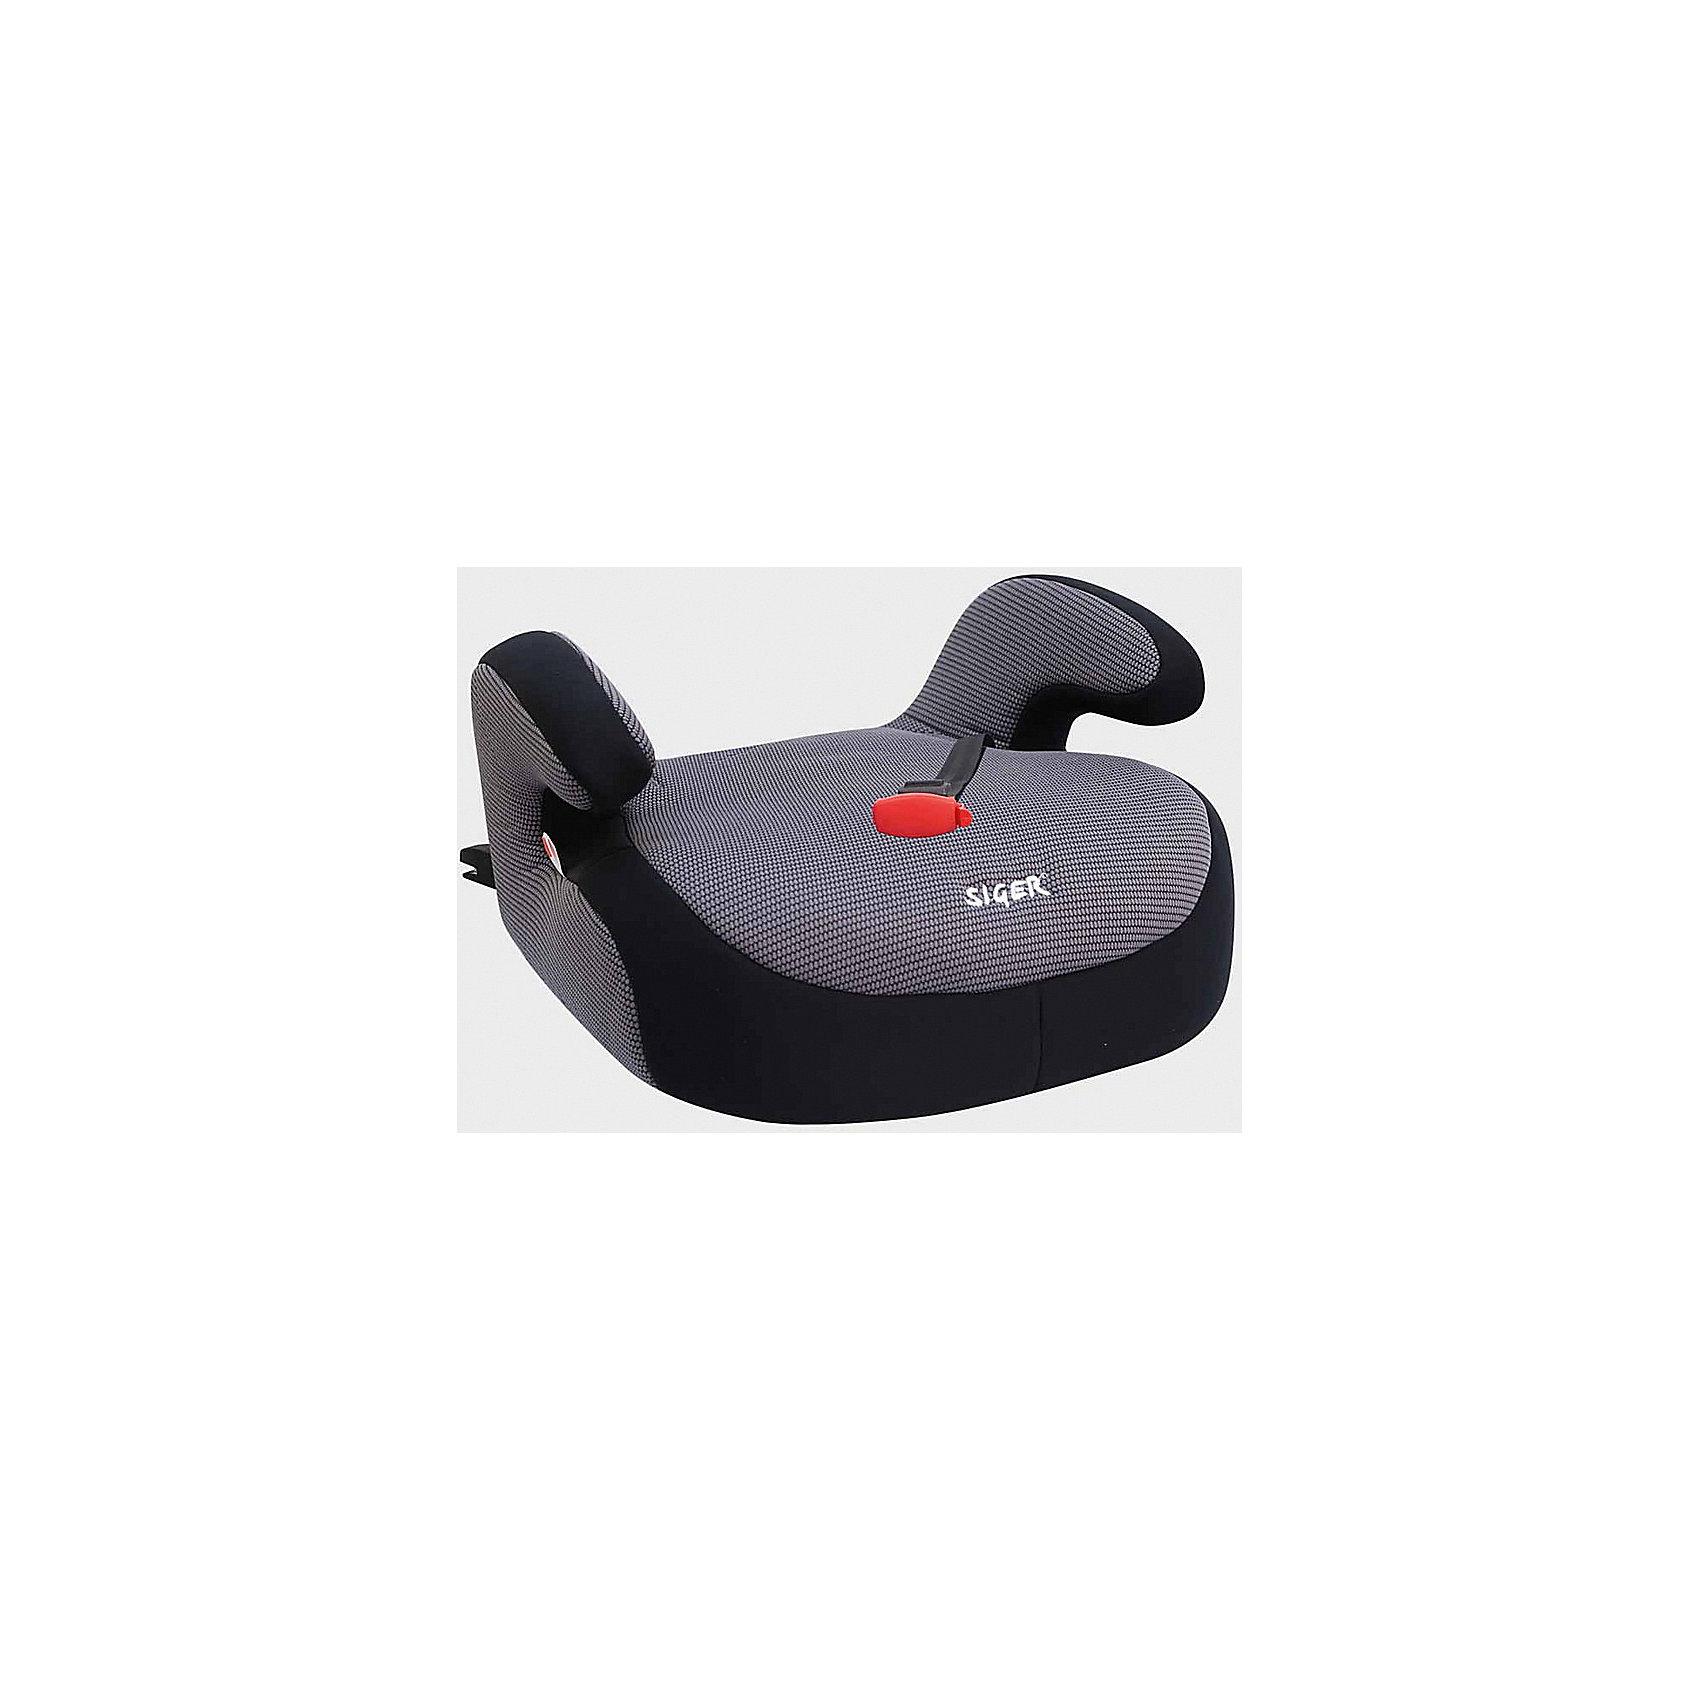 Бустер FIX 22-36 кг., Siger, серыйБустер FIX это малогабаритное кресло без спинки, предназначенное для перевозки детей от 3 до 12 лет, весом от 22 до 36 кг. Оно будет обеспечивать безопасную и комфортную поездку для Вашего ребенка. Преимущество модели заключается в наличии направляющего натяжного фиксатора, с помощью которого можно регулировать ремни безопасности в соответствии с ростом ребенка. Автокресло оснащено мягкими подлокотниками, которые создают комфорт и удобство во время путешествия. Бустер выполнен из ударопрочной пластмассы, чехол автокресла легко снимается и легко поддается как ручной, так и машинной стирке.<br><br>Дополнительная информация:<br><br>- Материал: текстиль, пластик, металл.<br>- Размер: 45х40х25 см<br>- Возраст: от 3 до 12 лет<br>- Группа: 3 (22-36 кг)<br>- Вес бустера: 2.5 кг<br>- Устанавливается по ходу движения. <br>- Внутренние 3-точечные ремни безопасности<br>- Съемные чехлы.<br><br>Бустер FIX 15-36 кг. Серый можно купить в нашем интернет-магазине.<br><br>Ширина мм: 390<br>Глубина мм: 430<br>Высота мм: 140<br>Вес г: 3100<br>Возраст от месяцев: 72<br>Возраст до месяцев: 144<br>Пол: Унисекс<br>Возраст: Детский<br>SKU: 4809107